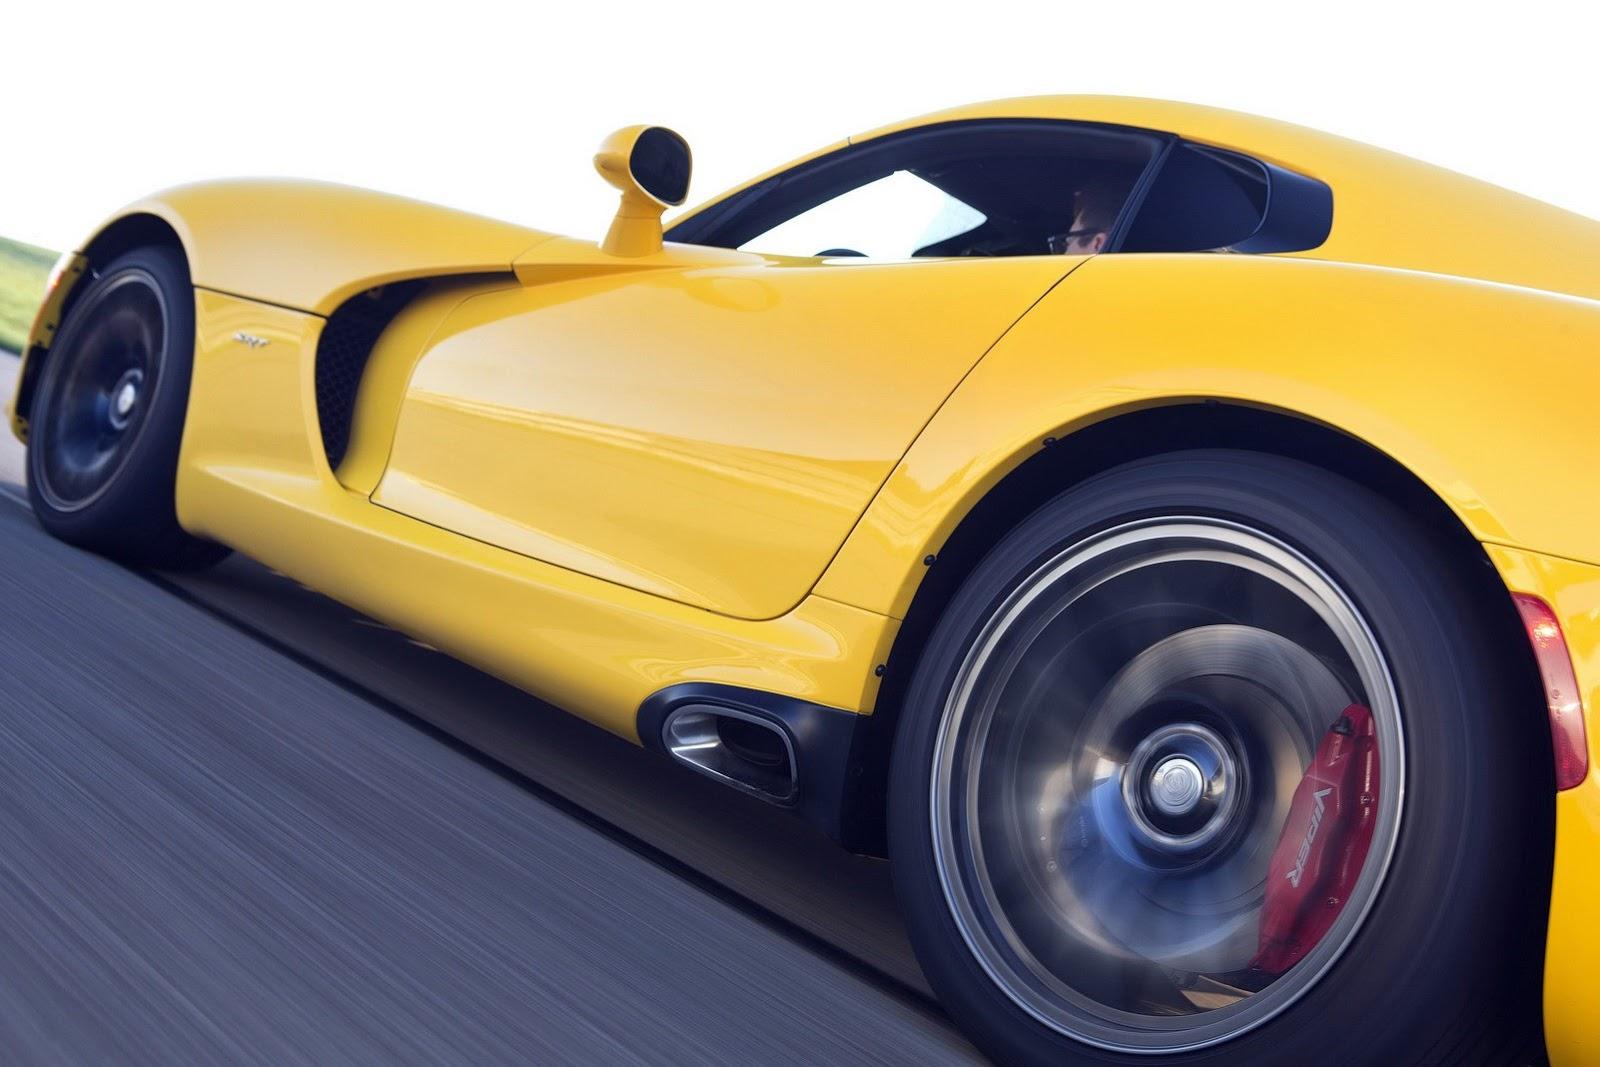 2013 SRT Viper 14 2013 STR Viper